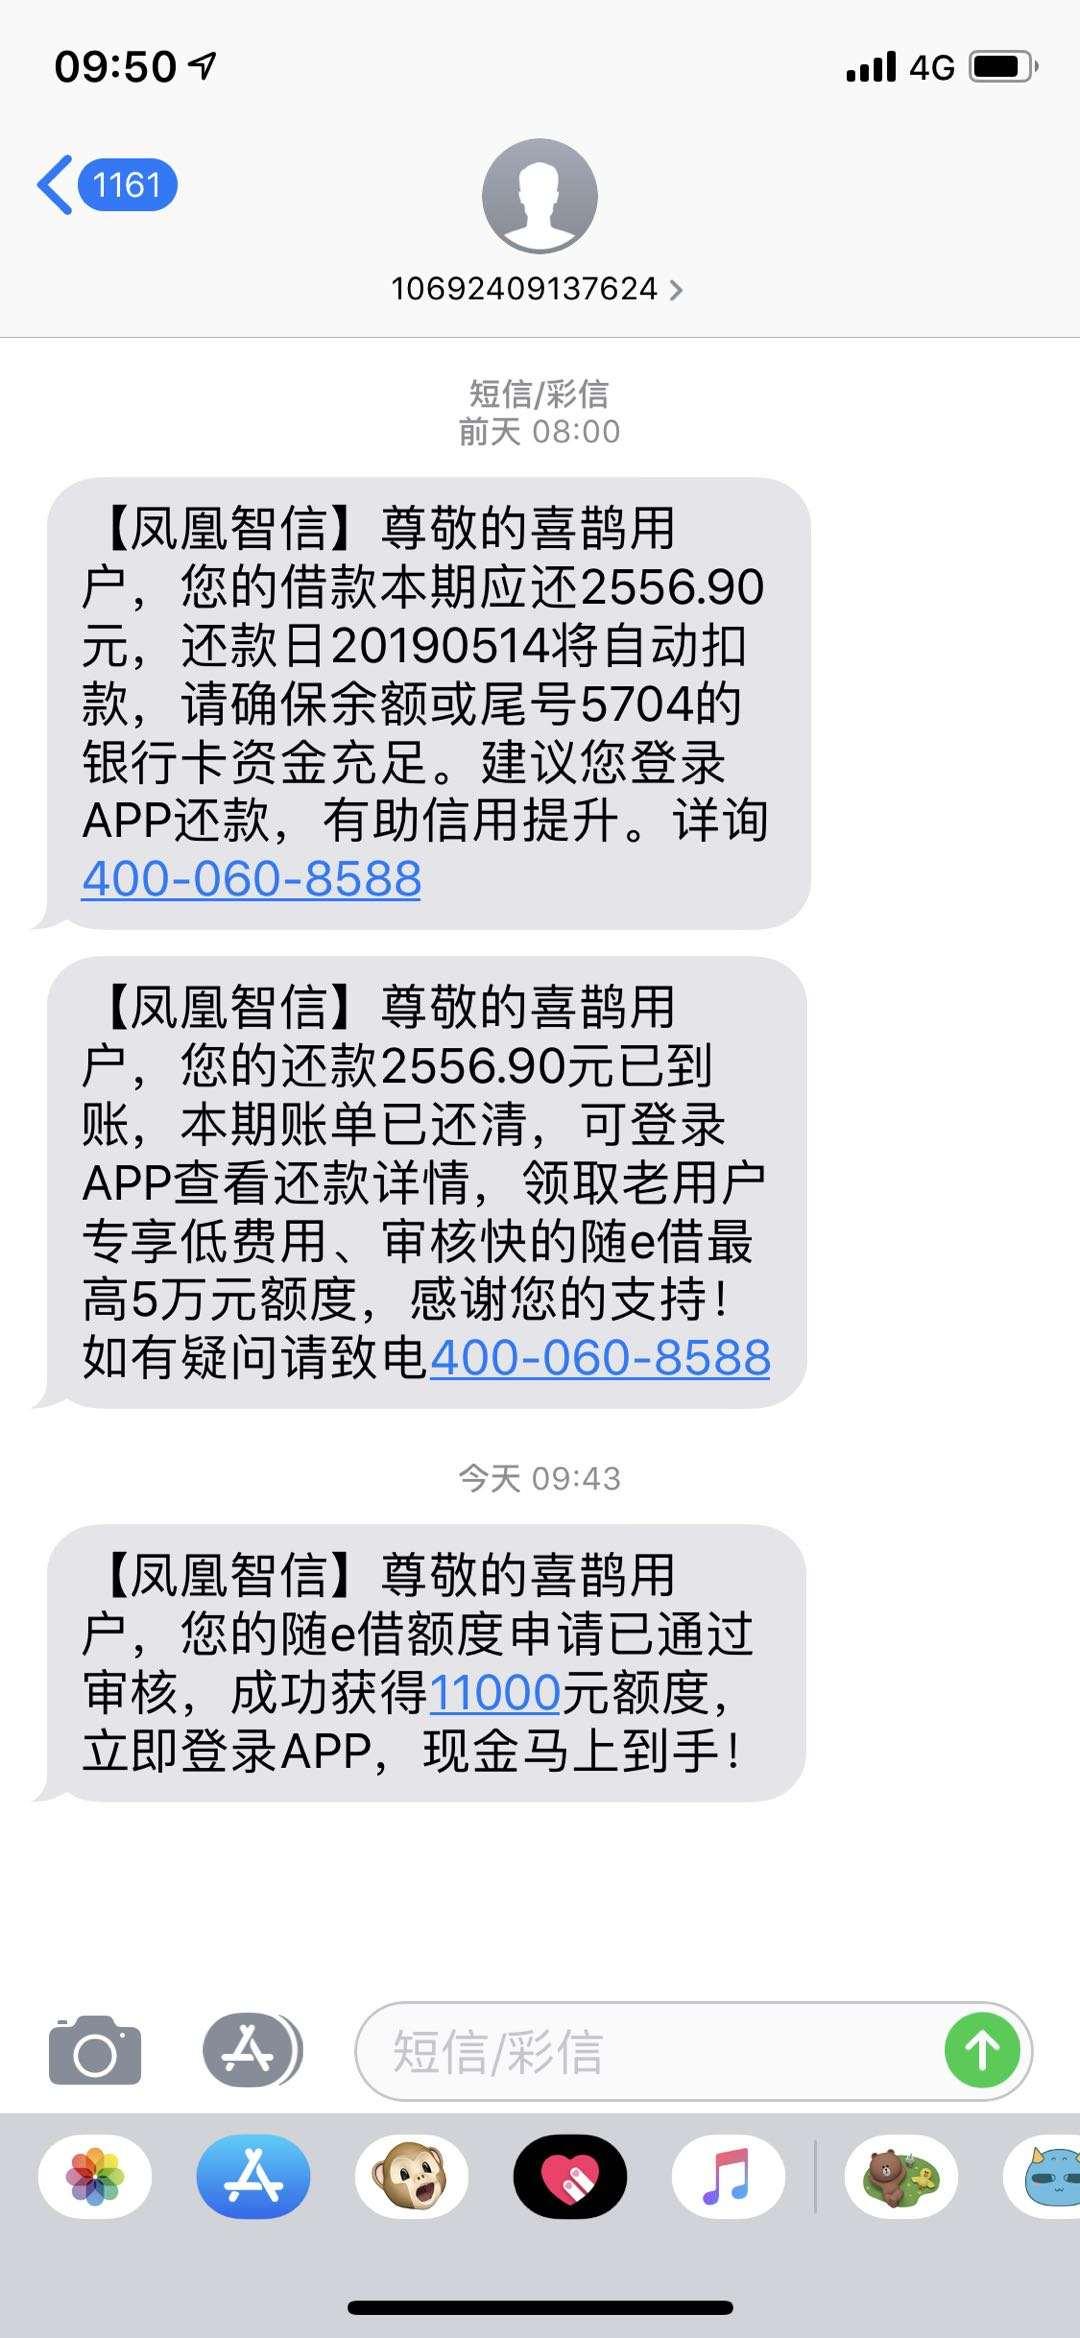 #随e借#凤凰金融旗下口子,新出炉下款图,征信微逾期老哥可...68 / 作者:卡农小蛋 /